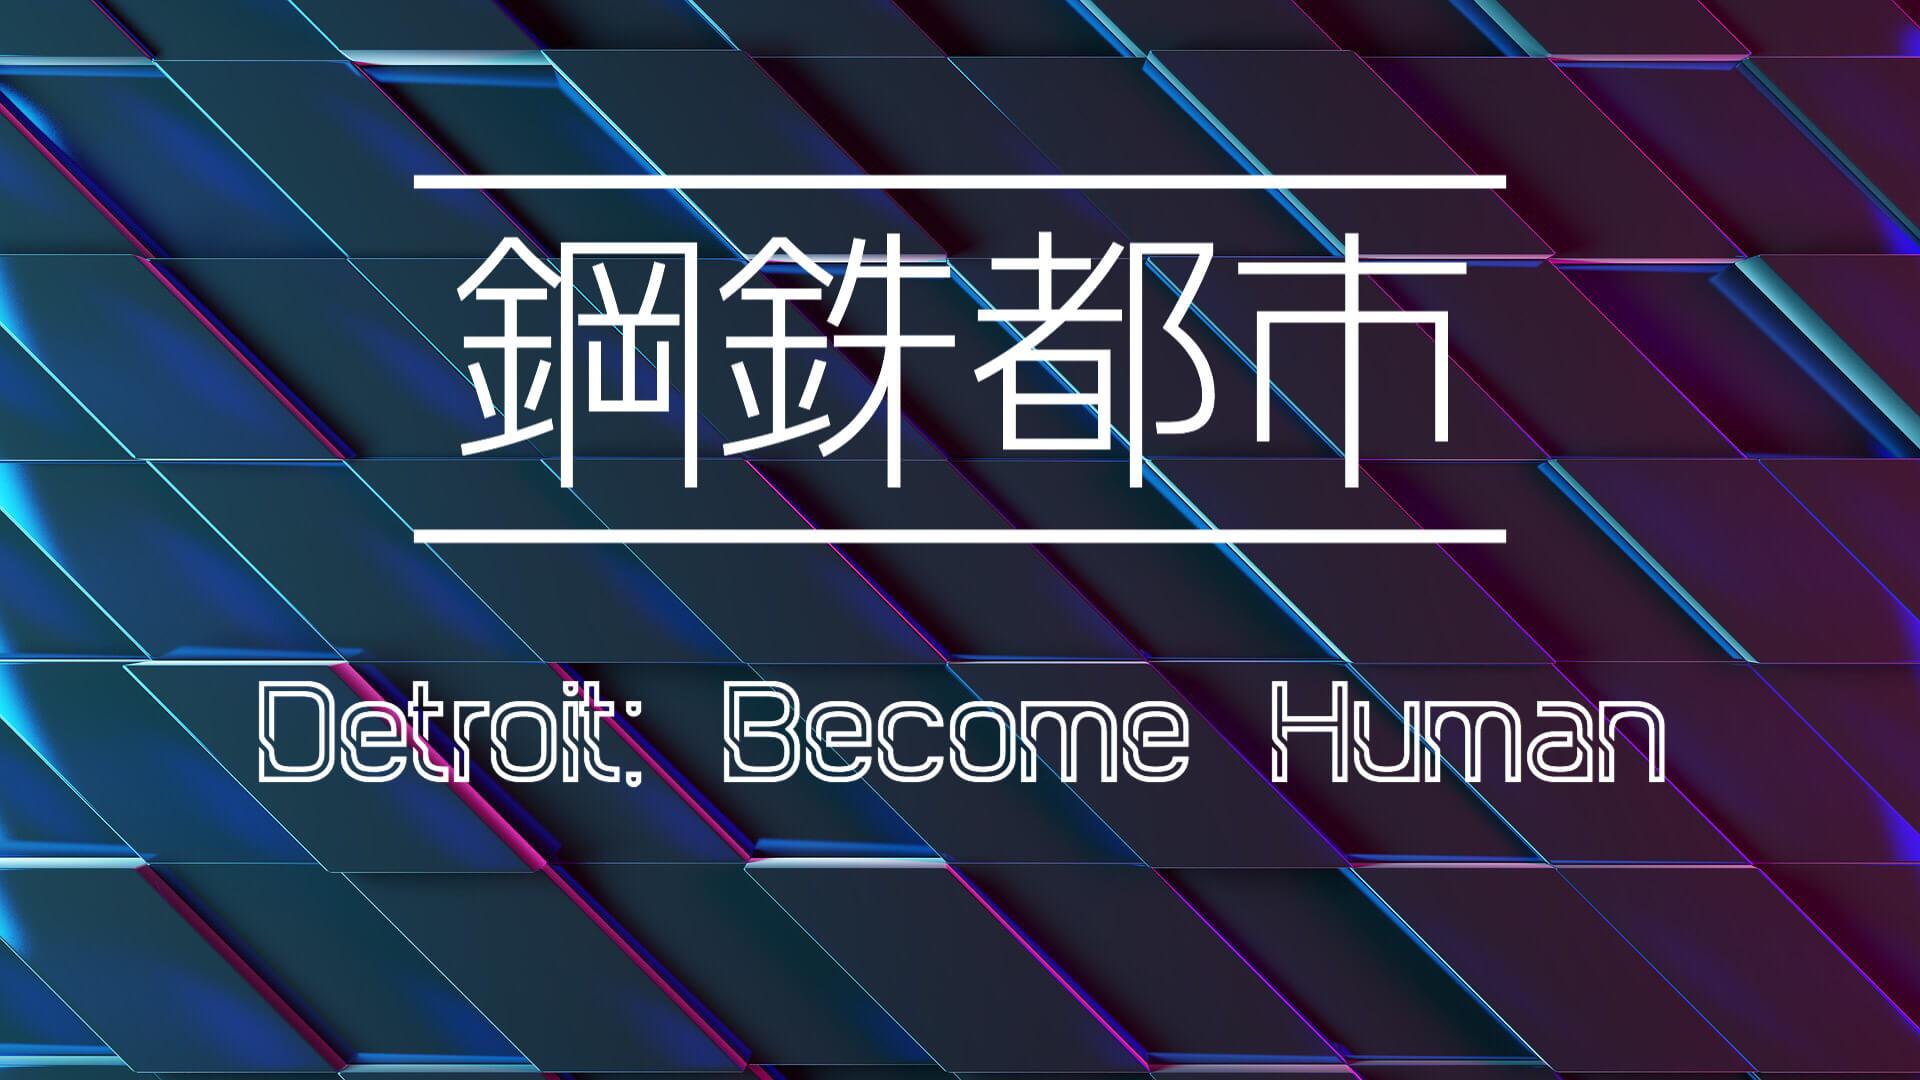 アイザック アシモフ 鋼鉄都市 の感想と Detroit Become Human が面白いという話 情熱を発散するブログ